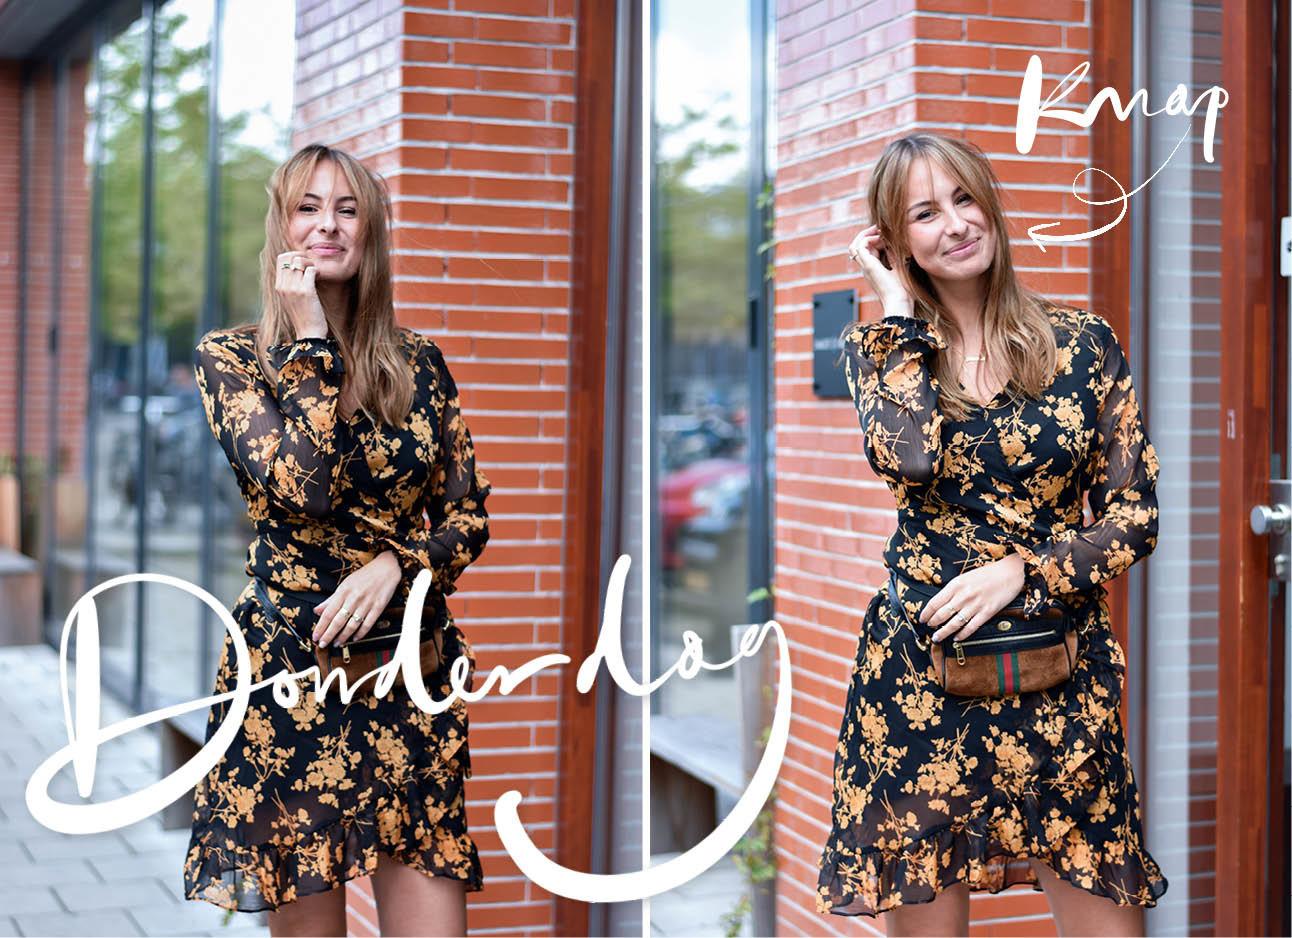 Een meisje draagt een bloemenjurkje. ze staat voor een bakstenen muur met een groot raam. ze draagt een heuptasje van gucci, het tasje is bruin